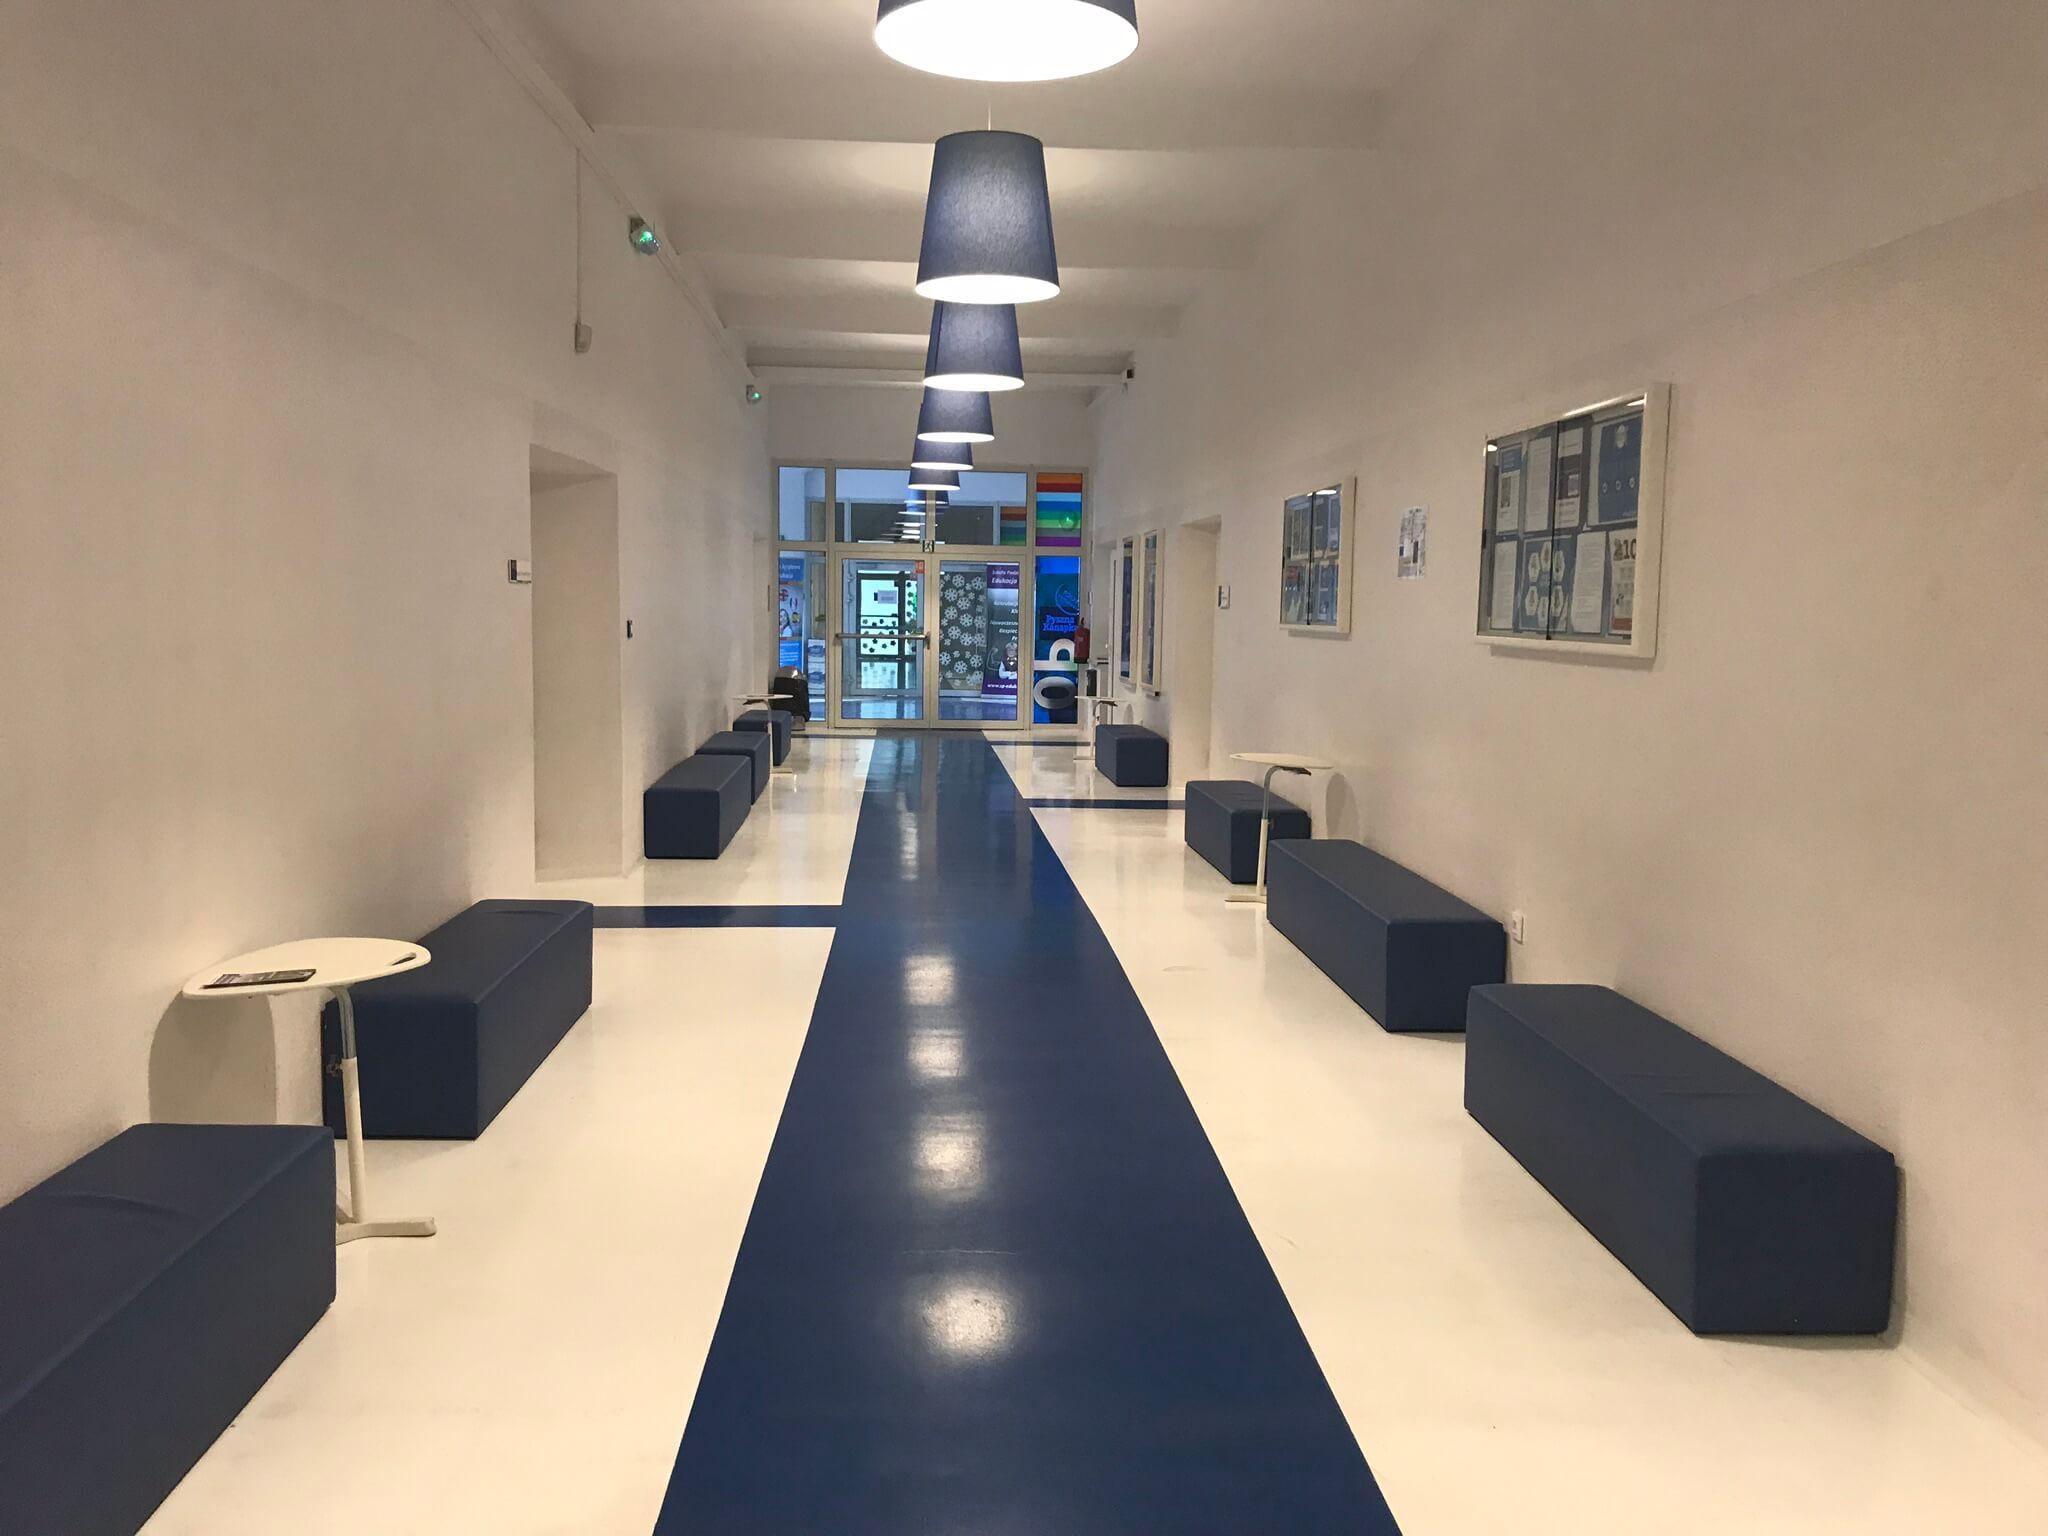 Korytarz niebieski w szkole podstawowej we Wrocławiu